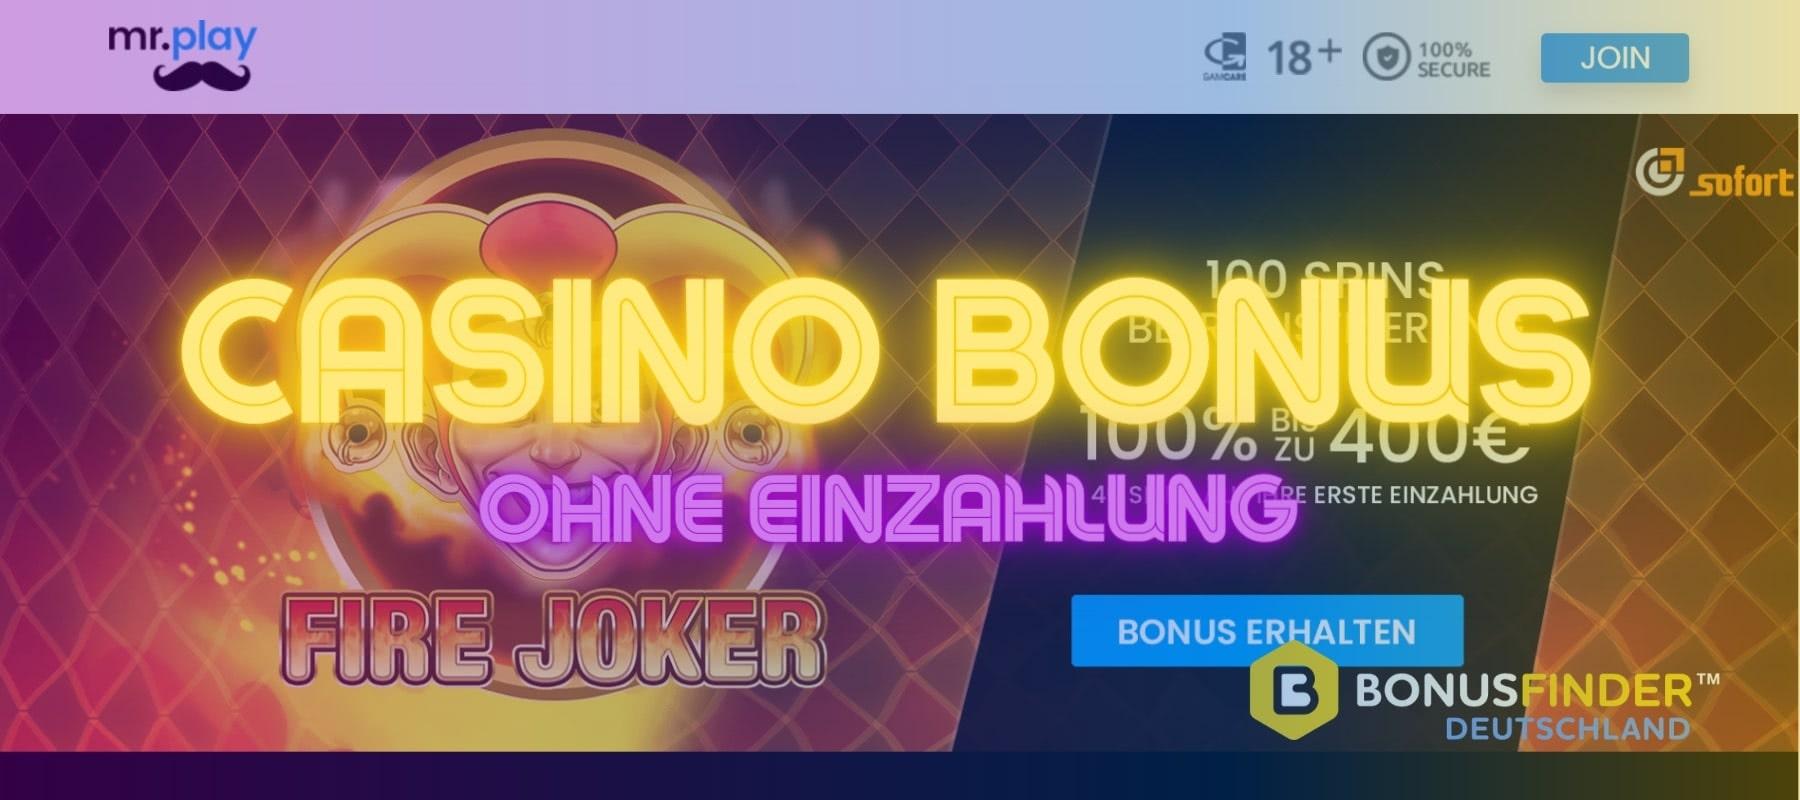 mr play casino bonus ohne einzahlung